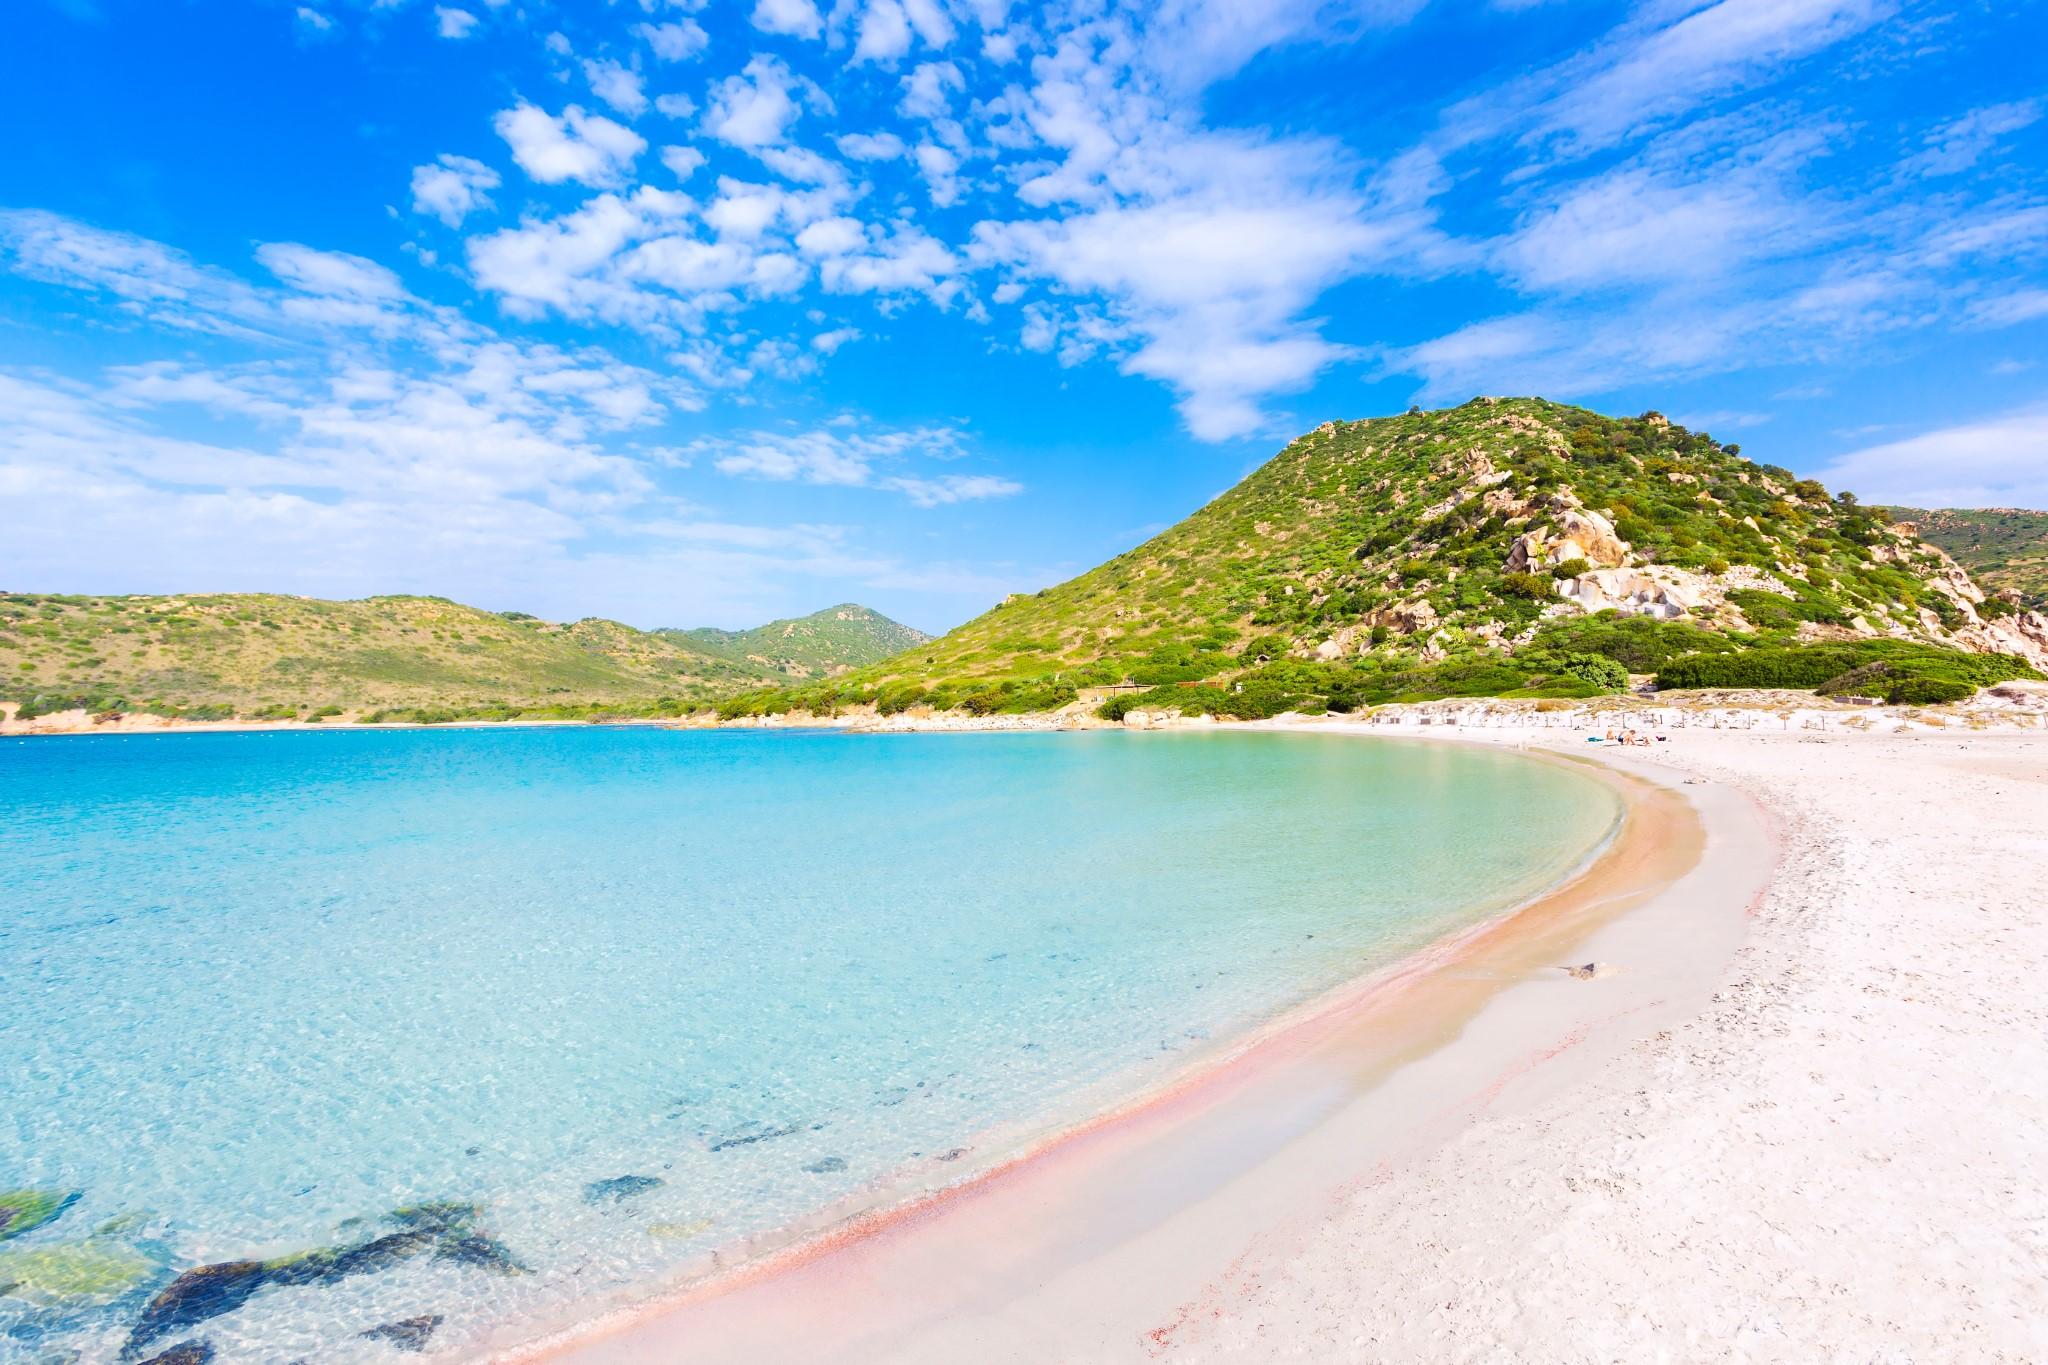 Paradise beach of Punta Molentis bay, Sardinia island, Italy